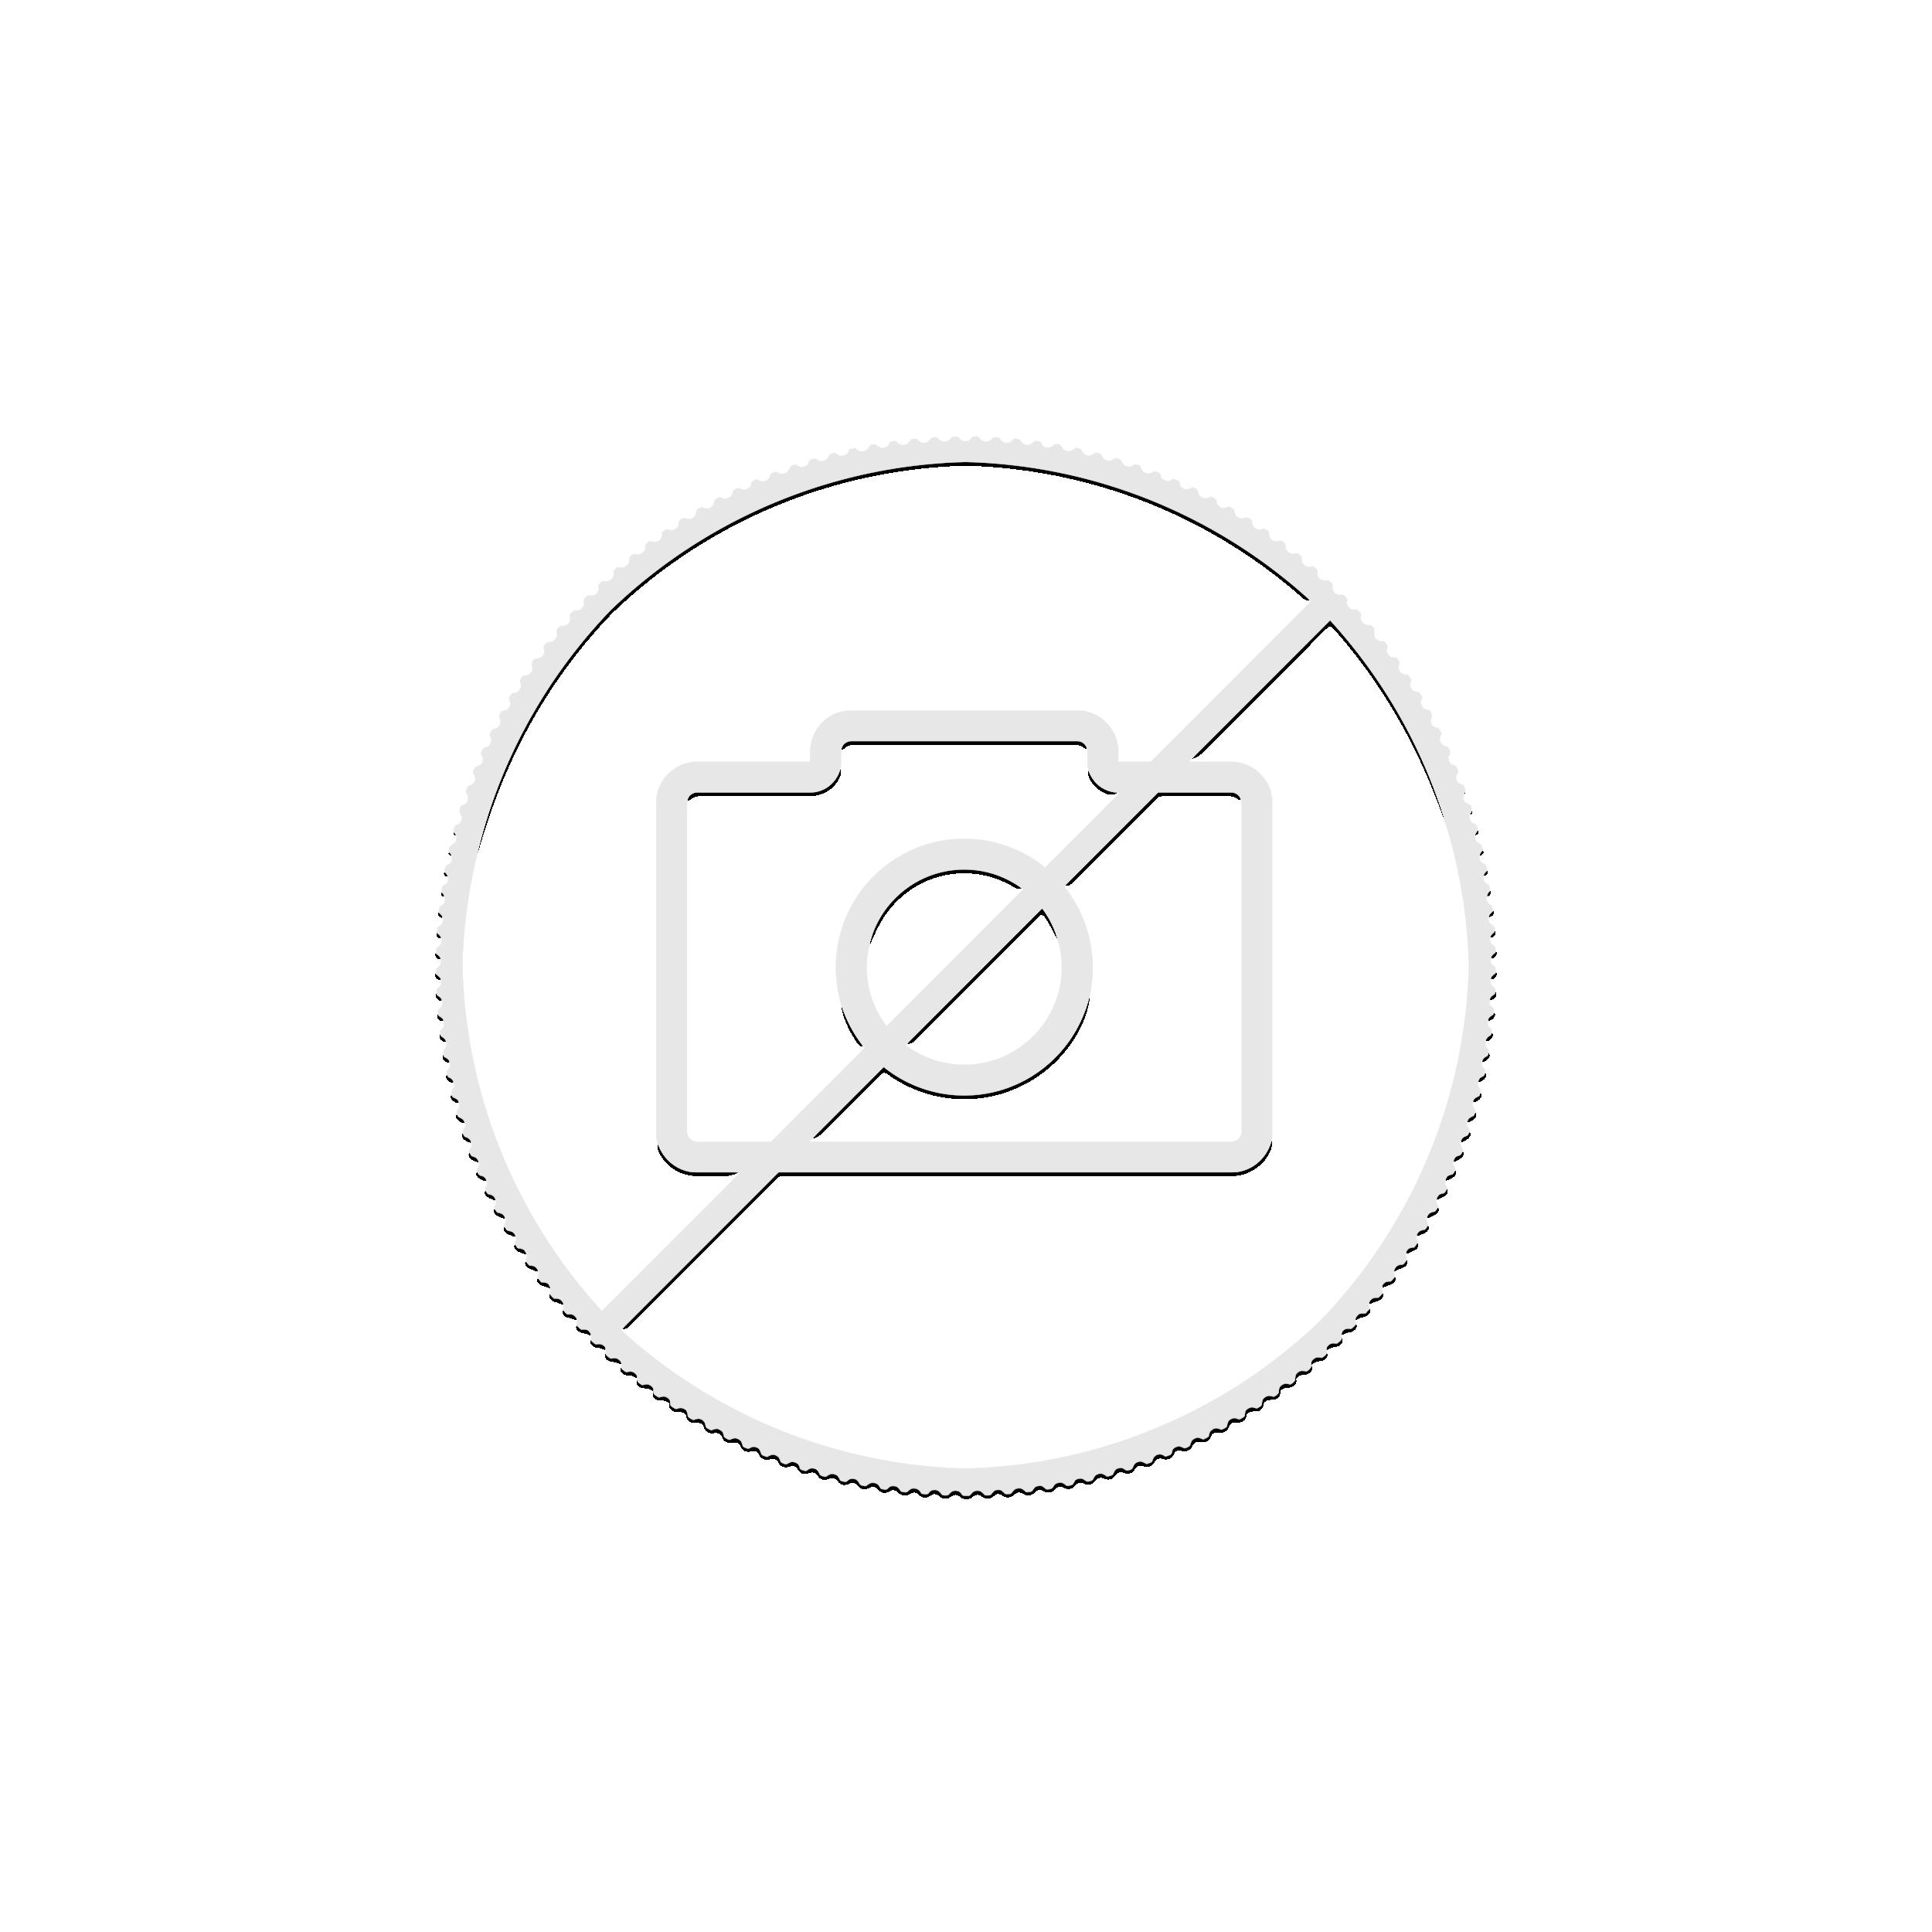 Silver coin Floral Emblems of Canada Manitoba Prairie Crocus